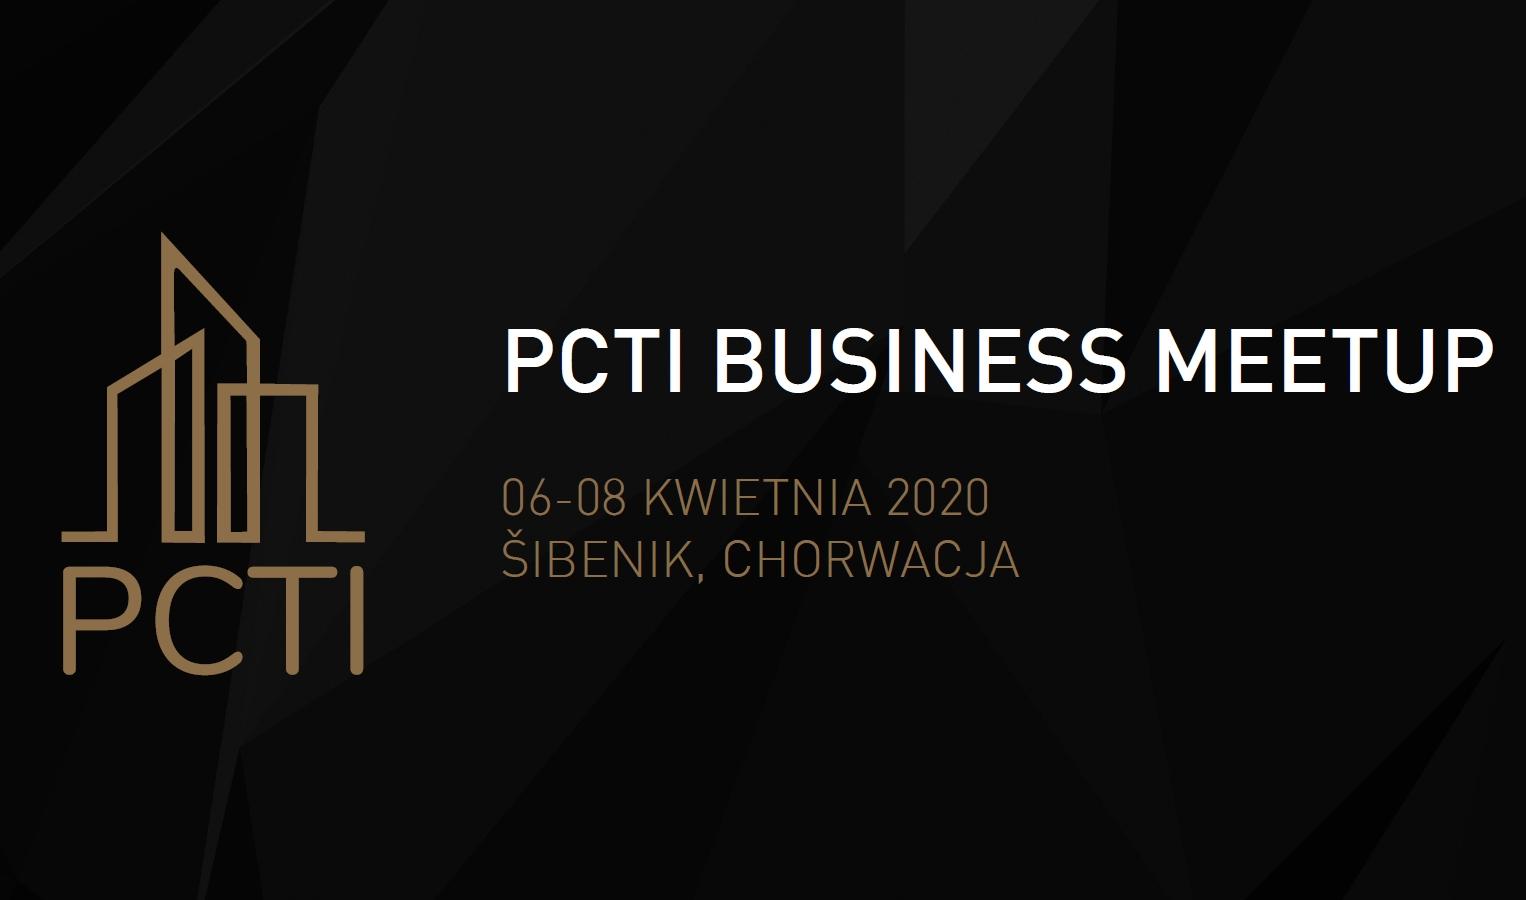 Pierwszy w historii PCTI Business MeetUp w Chorwacji - 06-08 kwietnia 2020 / Sibenik